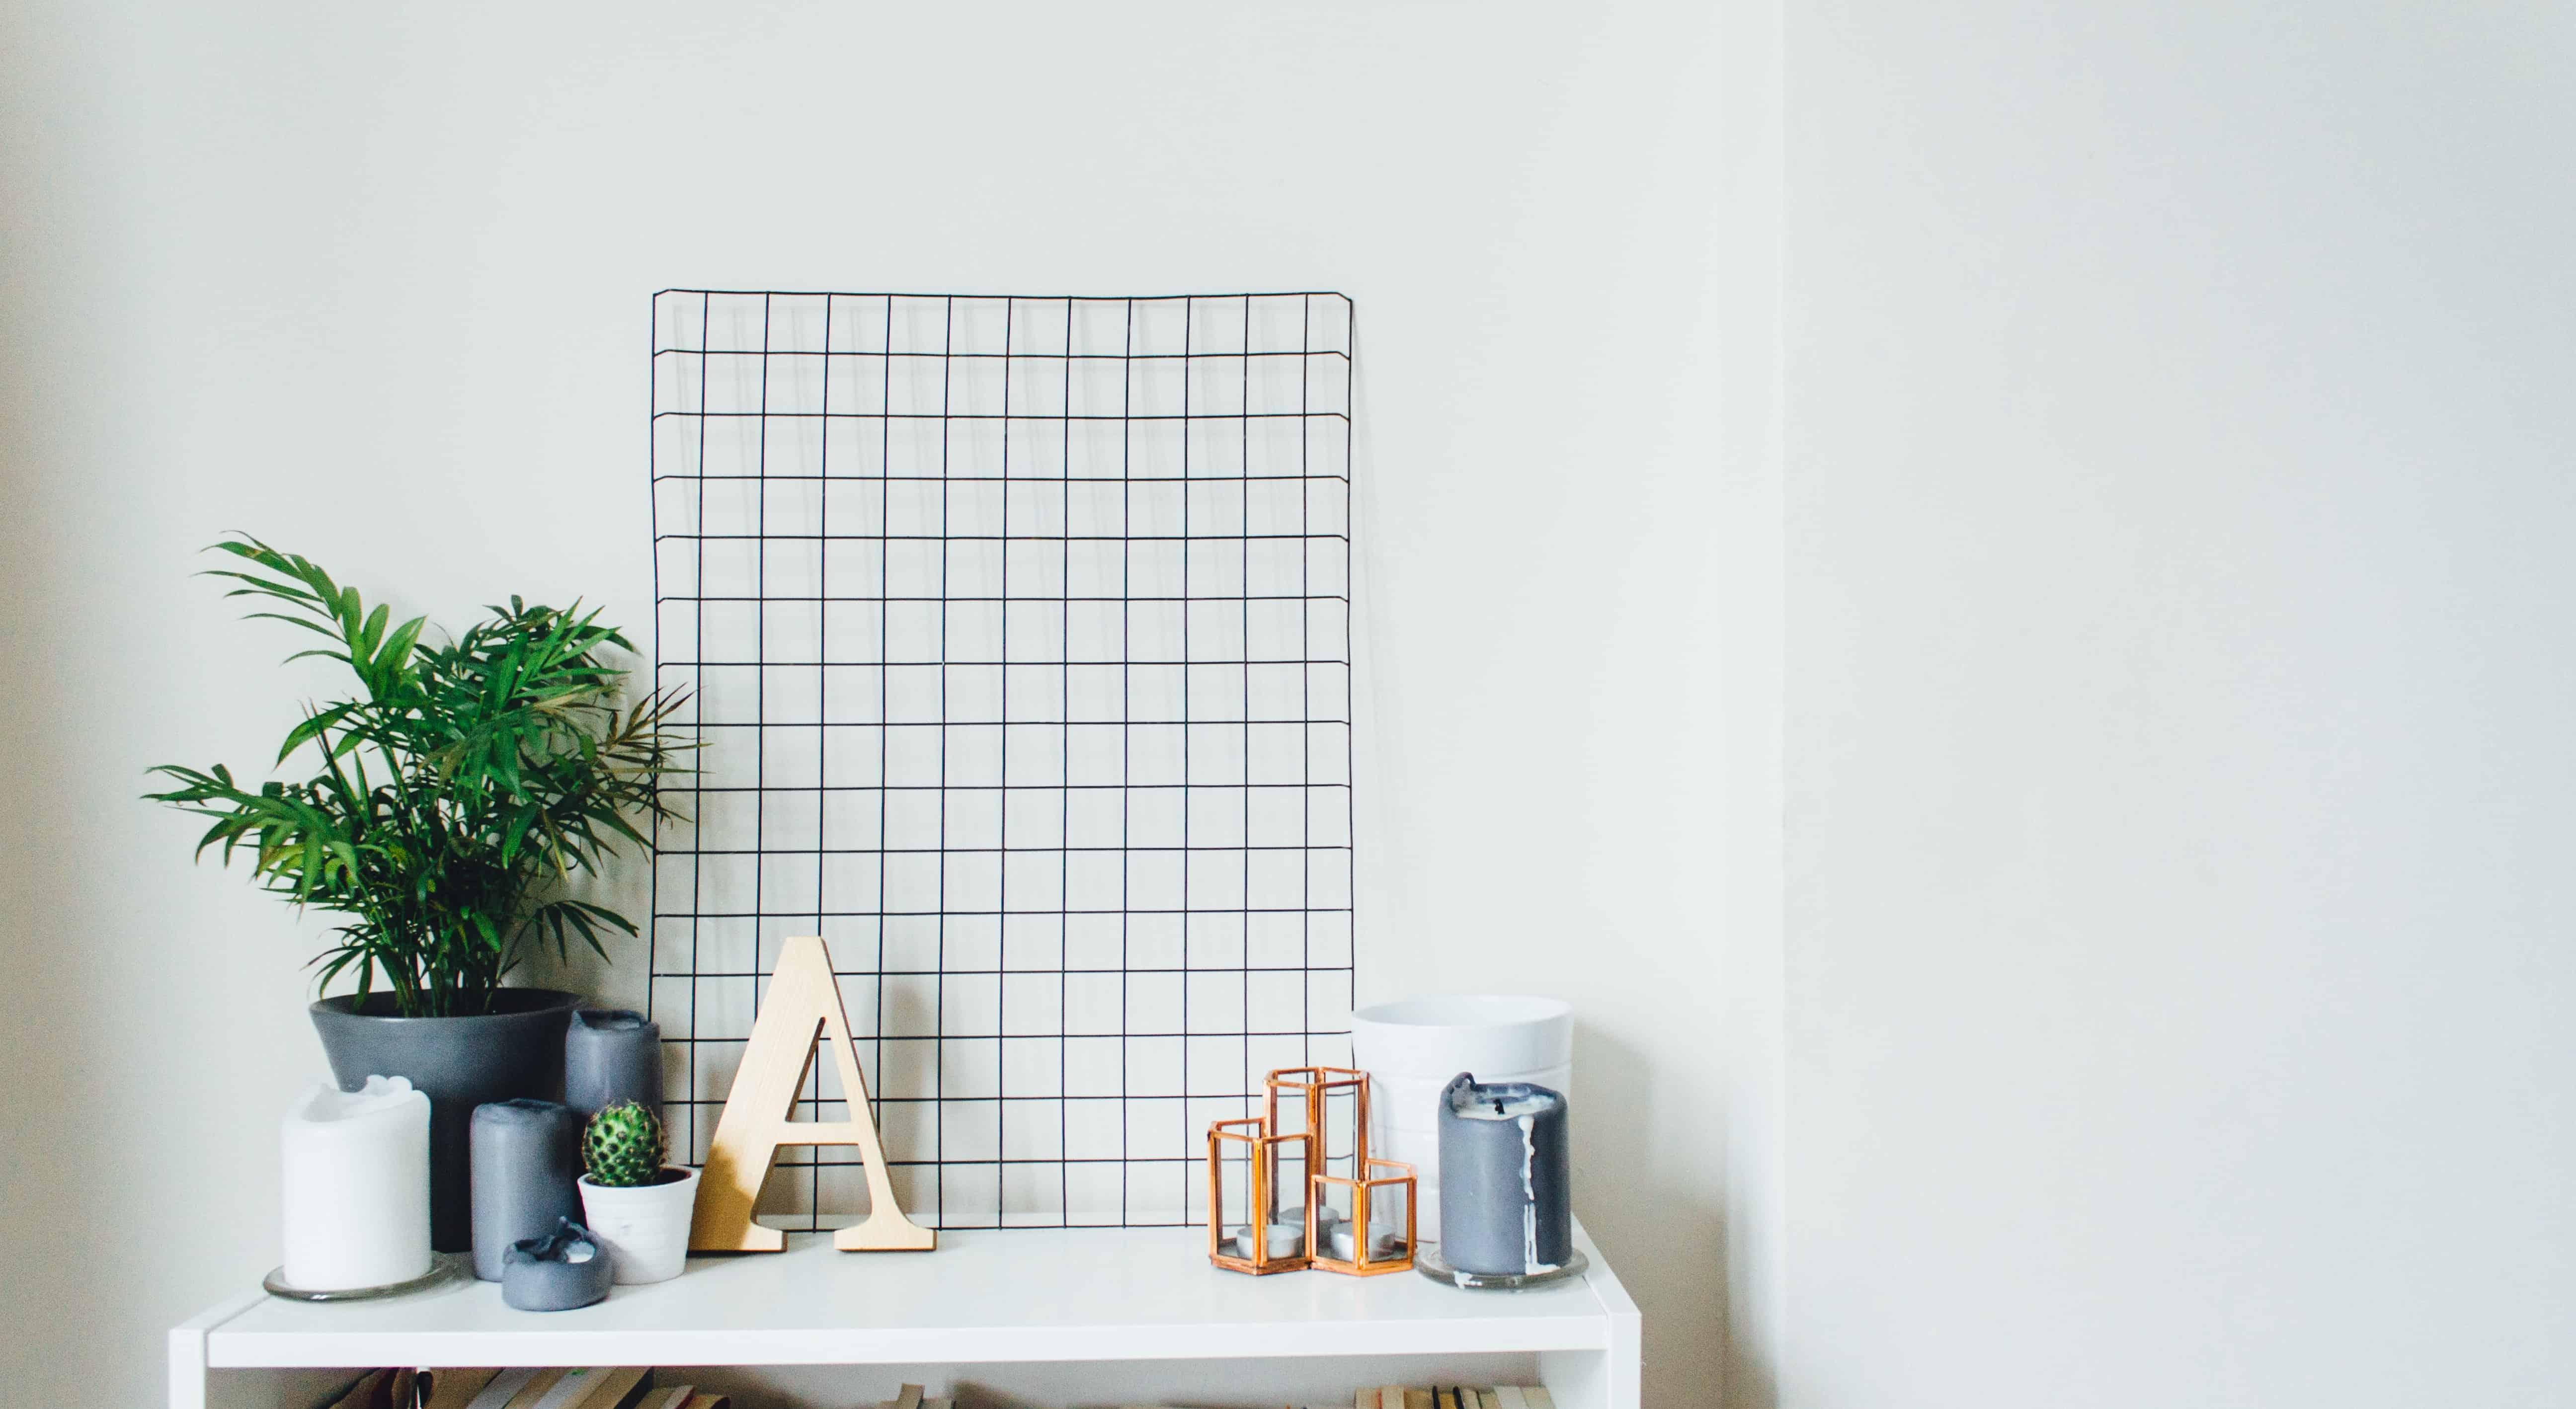 En flot gipsvæg kan være fristende, hvis du vil indrette din kælder. Men selvom gipsvægge er flotte, er de ikke altid det bedste valg.